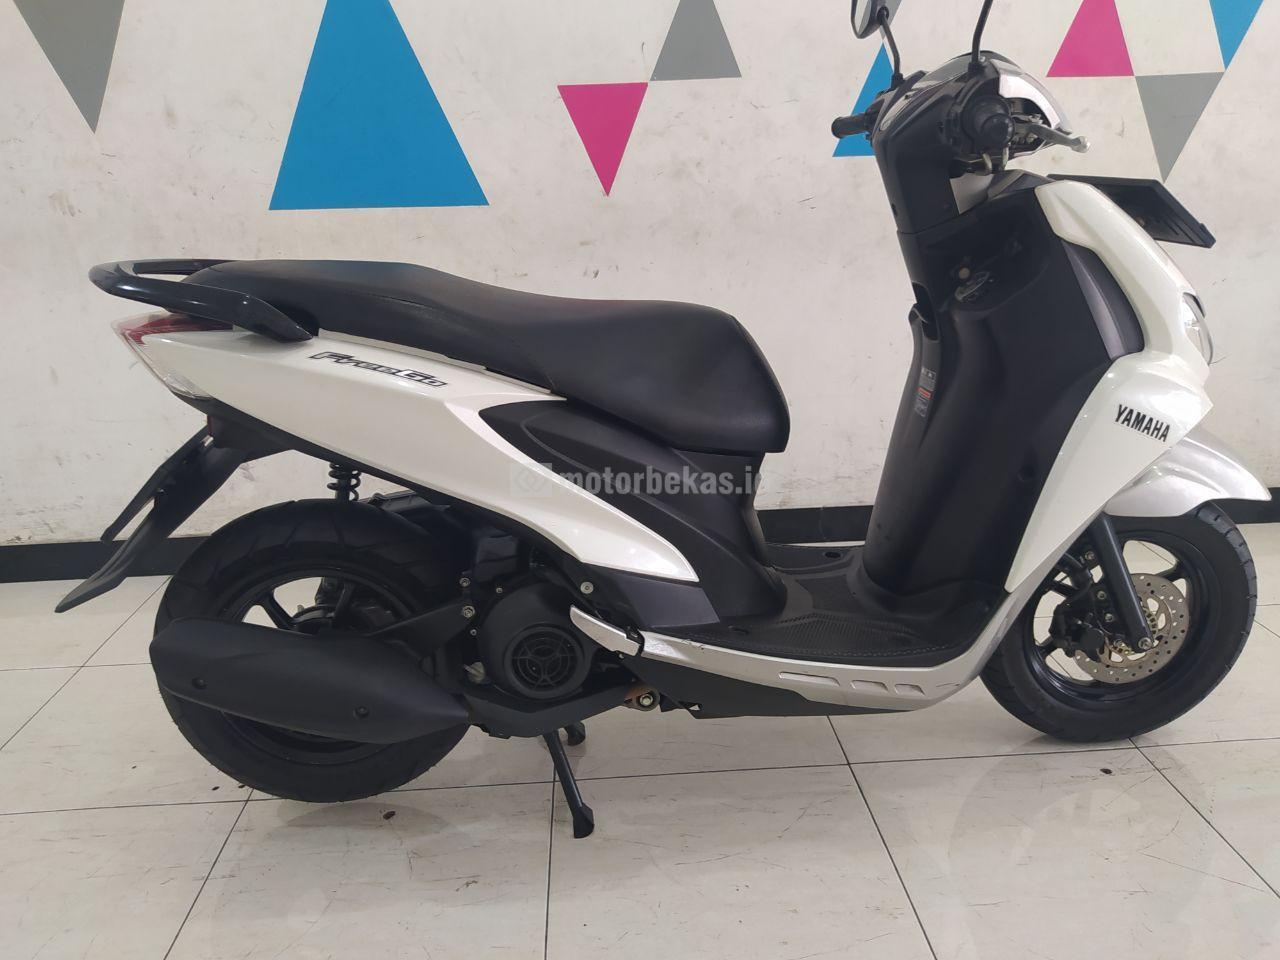 YAMAHA FREEGO  2106 motorbekas.id